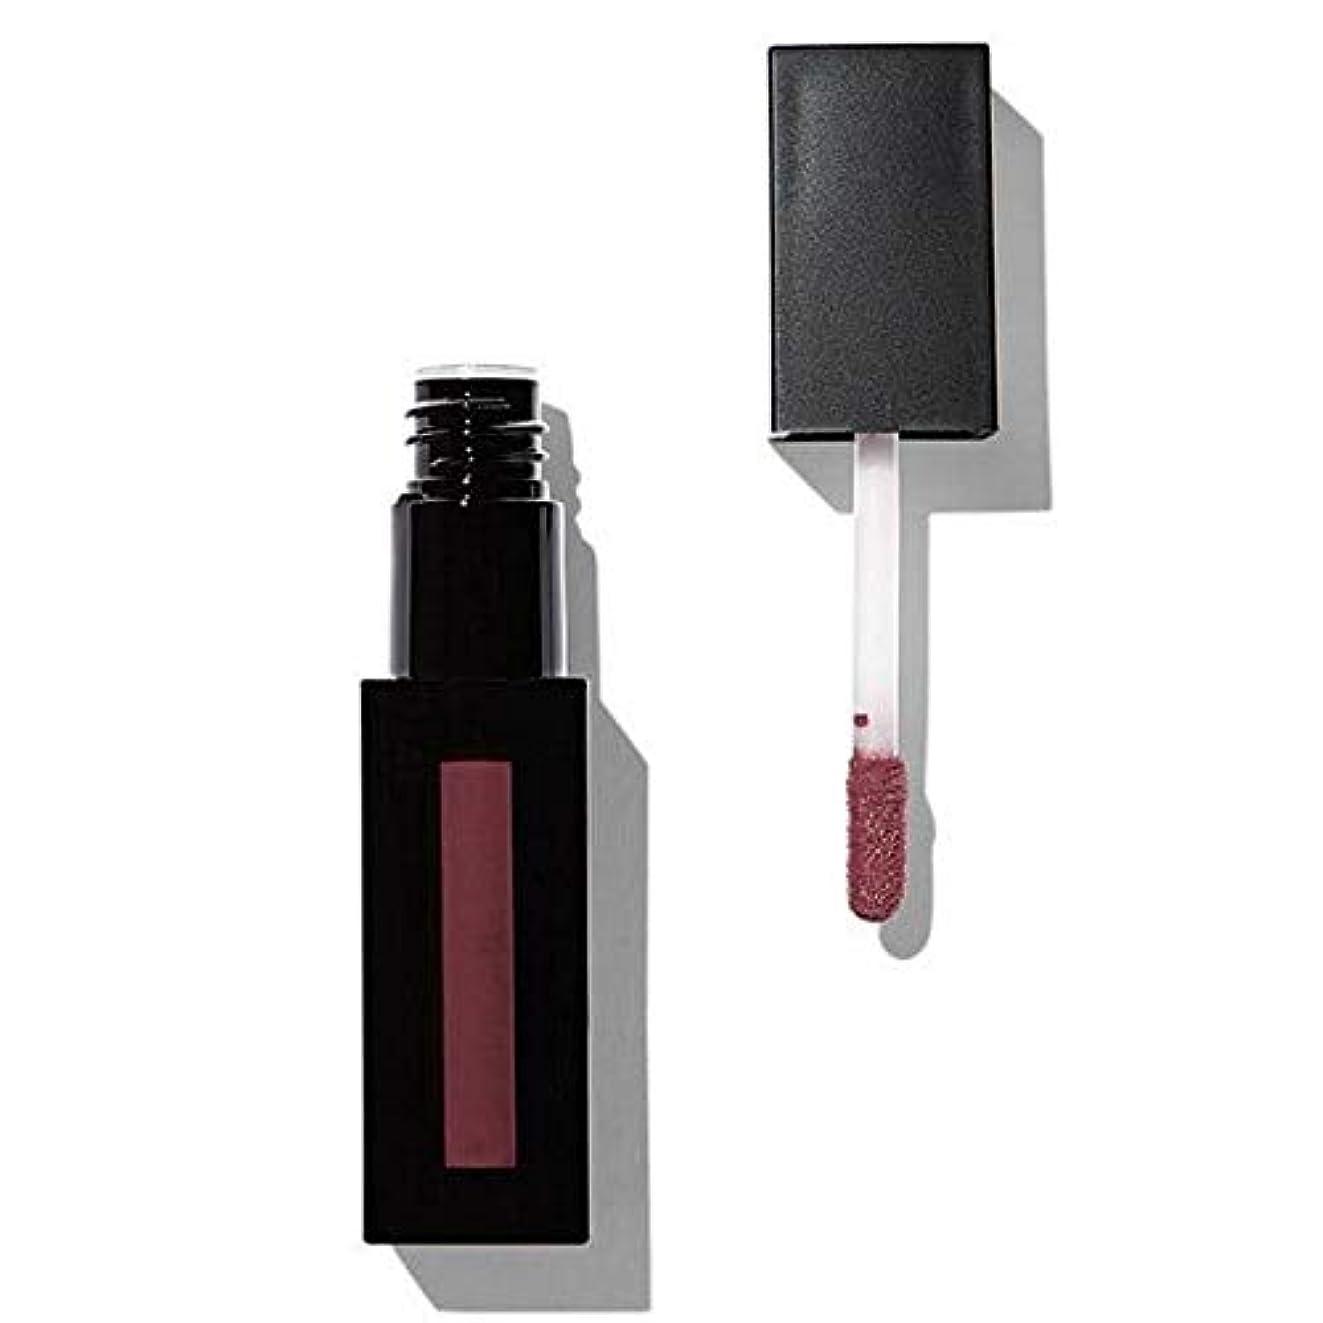 どれぼかしうなり声[Revolution ] 革命プロ最高のマットリップ顔料予感 - Revolution Pro Supreme Matte Lip Pigment Premonition [並行輸入品]